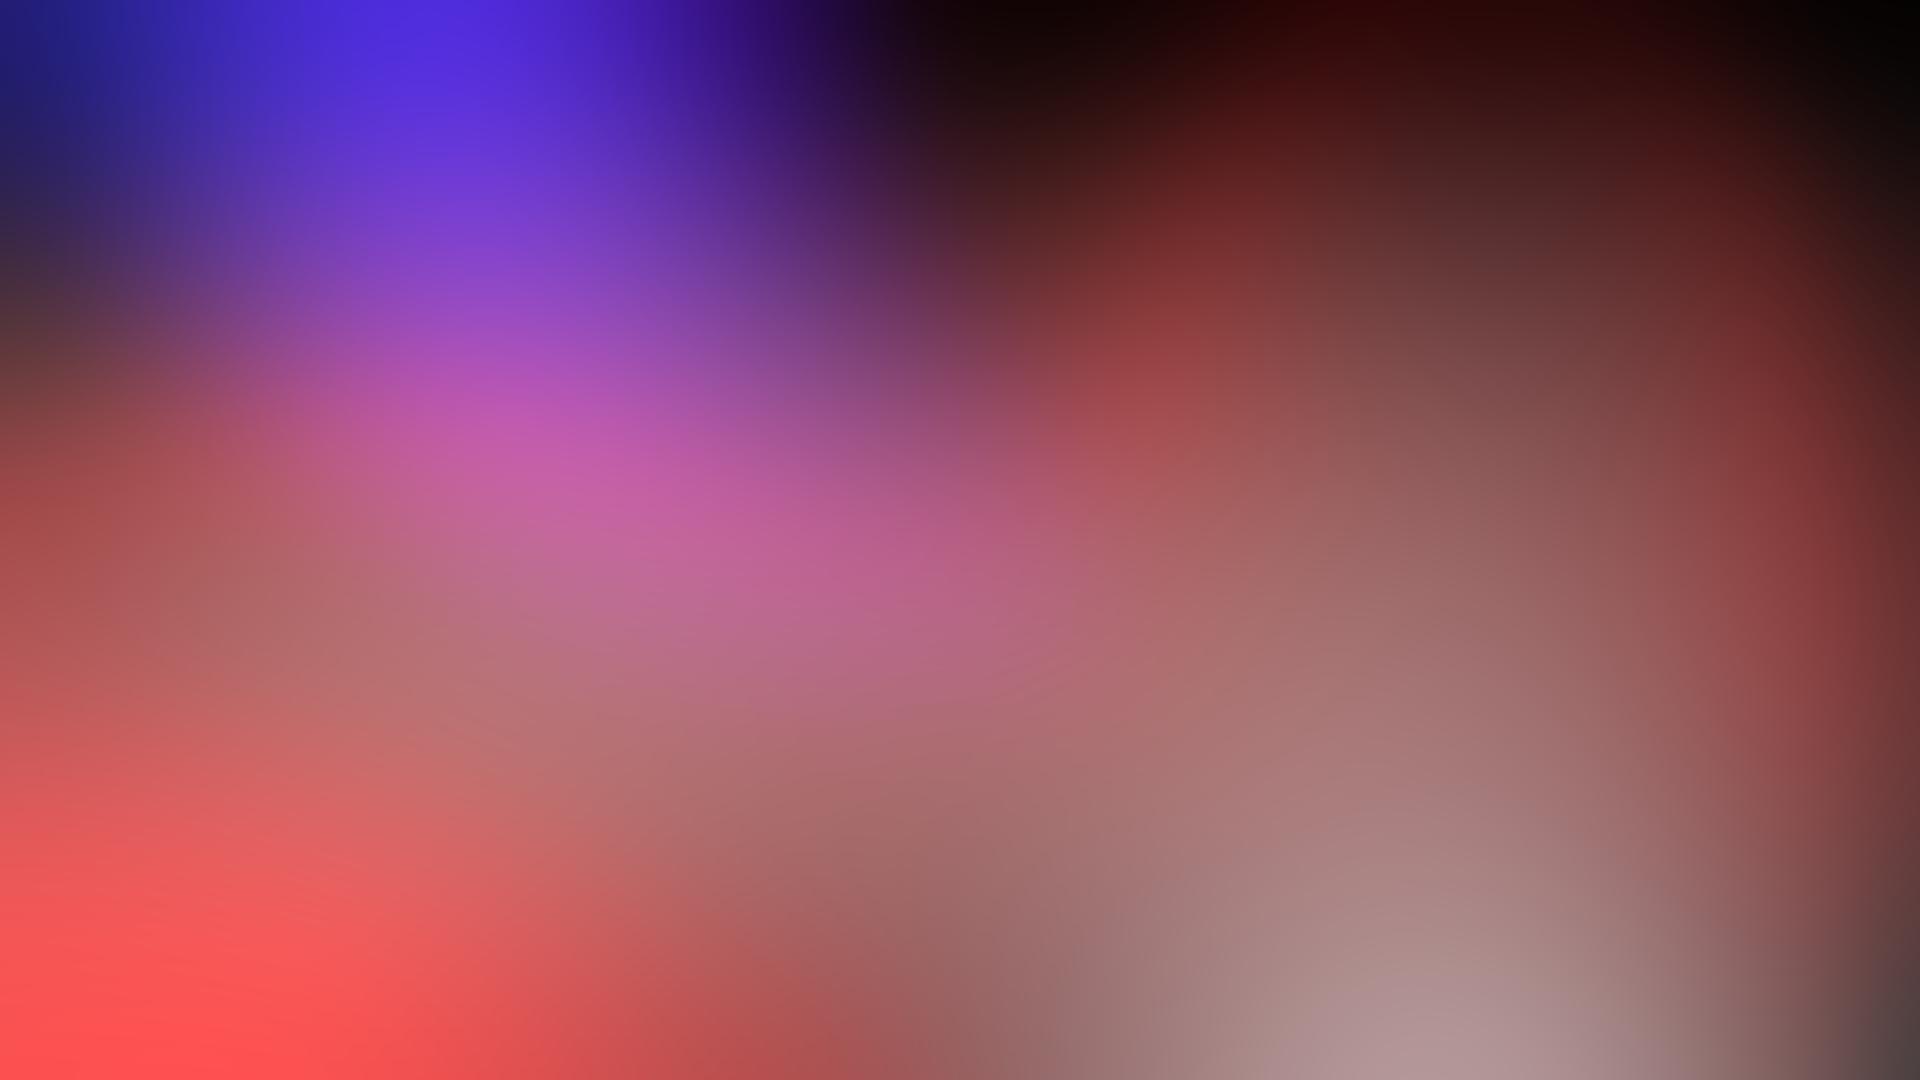 Sonnenlicht Bunt Abstrakt Rot Verschwommen Textur Kreis Atmosphäre Lens  Flare Weicher Steigung Rosa Warme Farben Licht